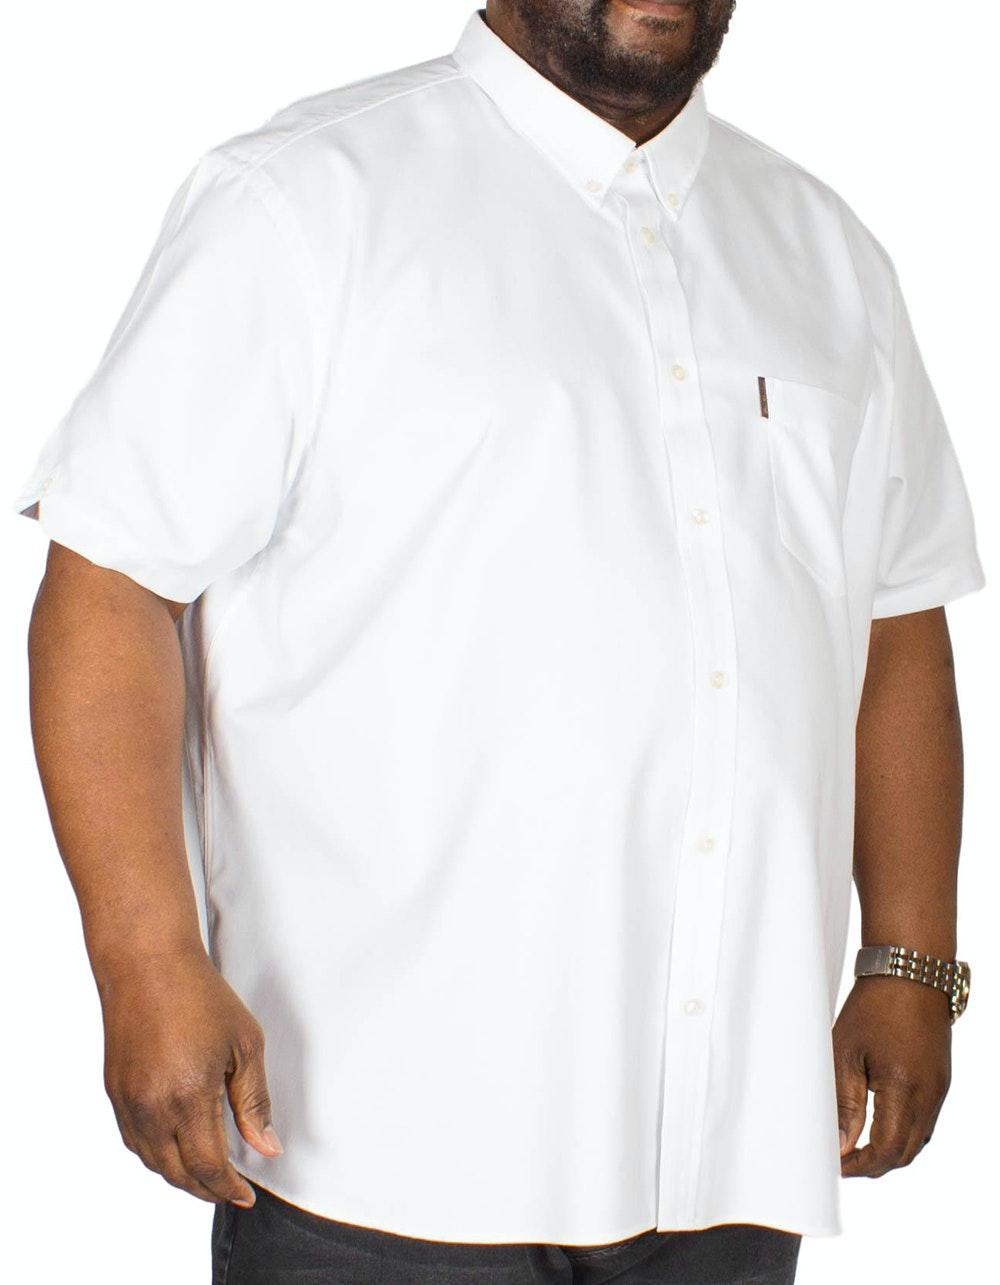 Ben Sherman Plain Oxford Shirt White